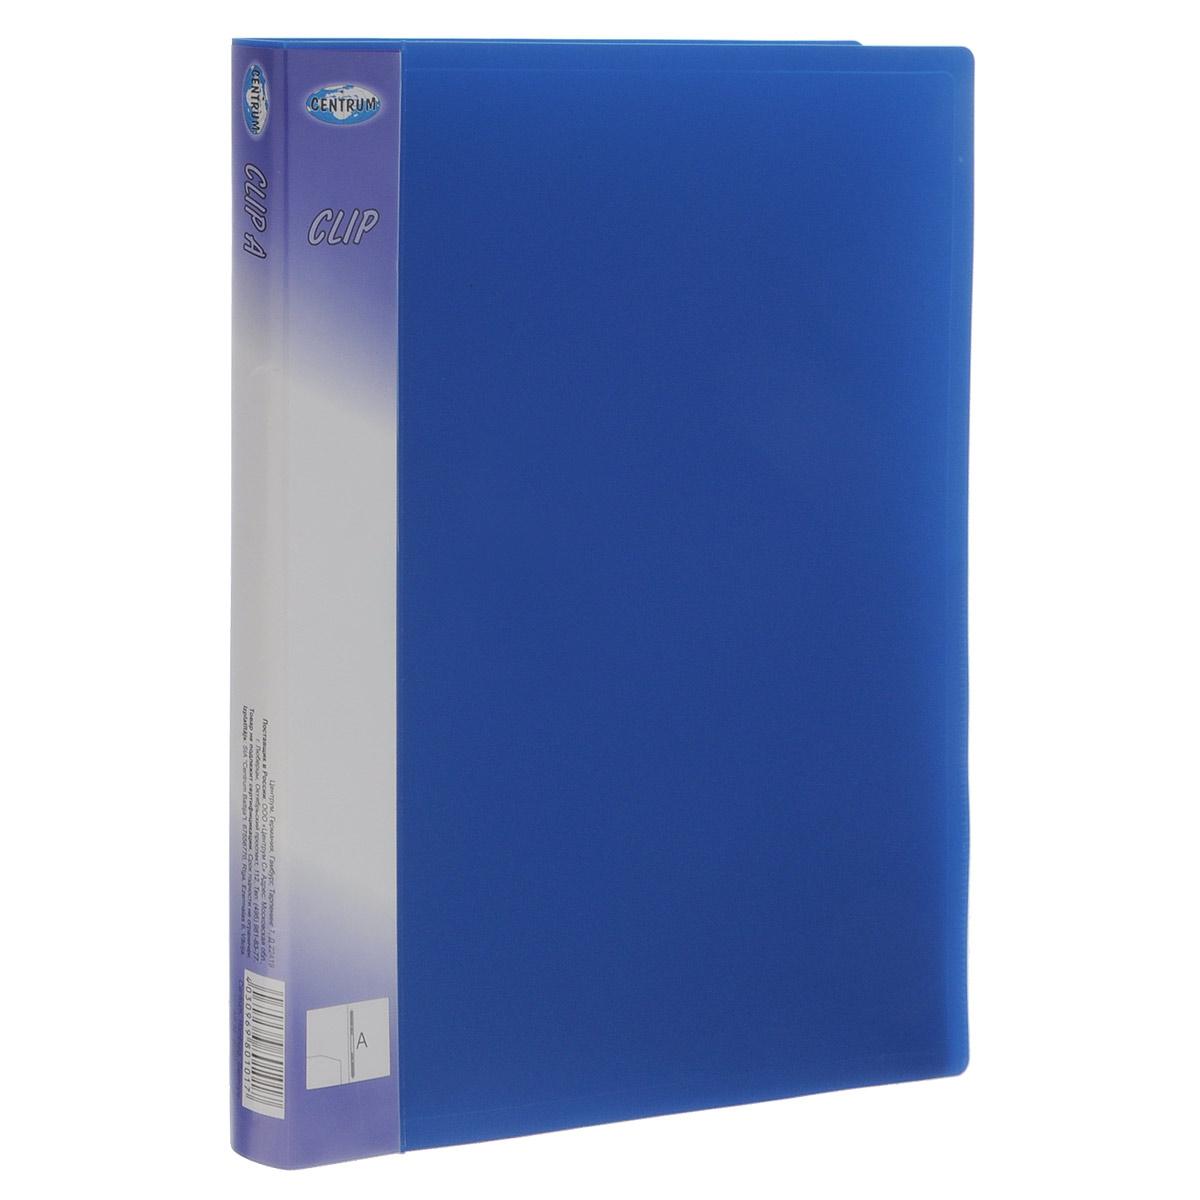 Папка-скоросшиватель Centrum Clip, цвет: синий, формат А4AC-1121RDПапка-скоросшиватель Centrum Clip - это удобный и практичный офисный инструмент, предназначенный для бережного хранения и транспортировки перфорированных рабочих бумаг и документов формата А4.Папка изготовлена из полупрозрачного фактурного пластика, оснащена металлическим пружинным скоросшивателем и дополнена прозрачным кармашком на корешке Папка-скоросшиватель надежно сохранит ваши документы и сбережет их от повреждений, пыли и влаги.